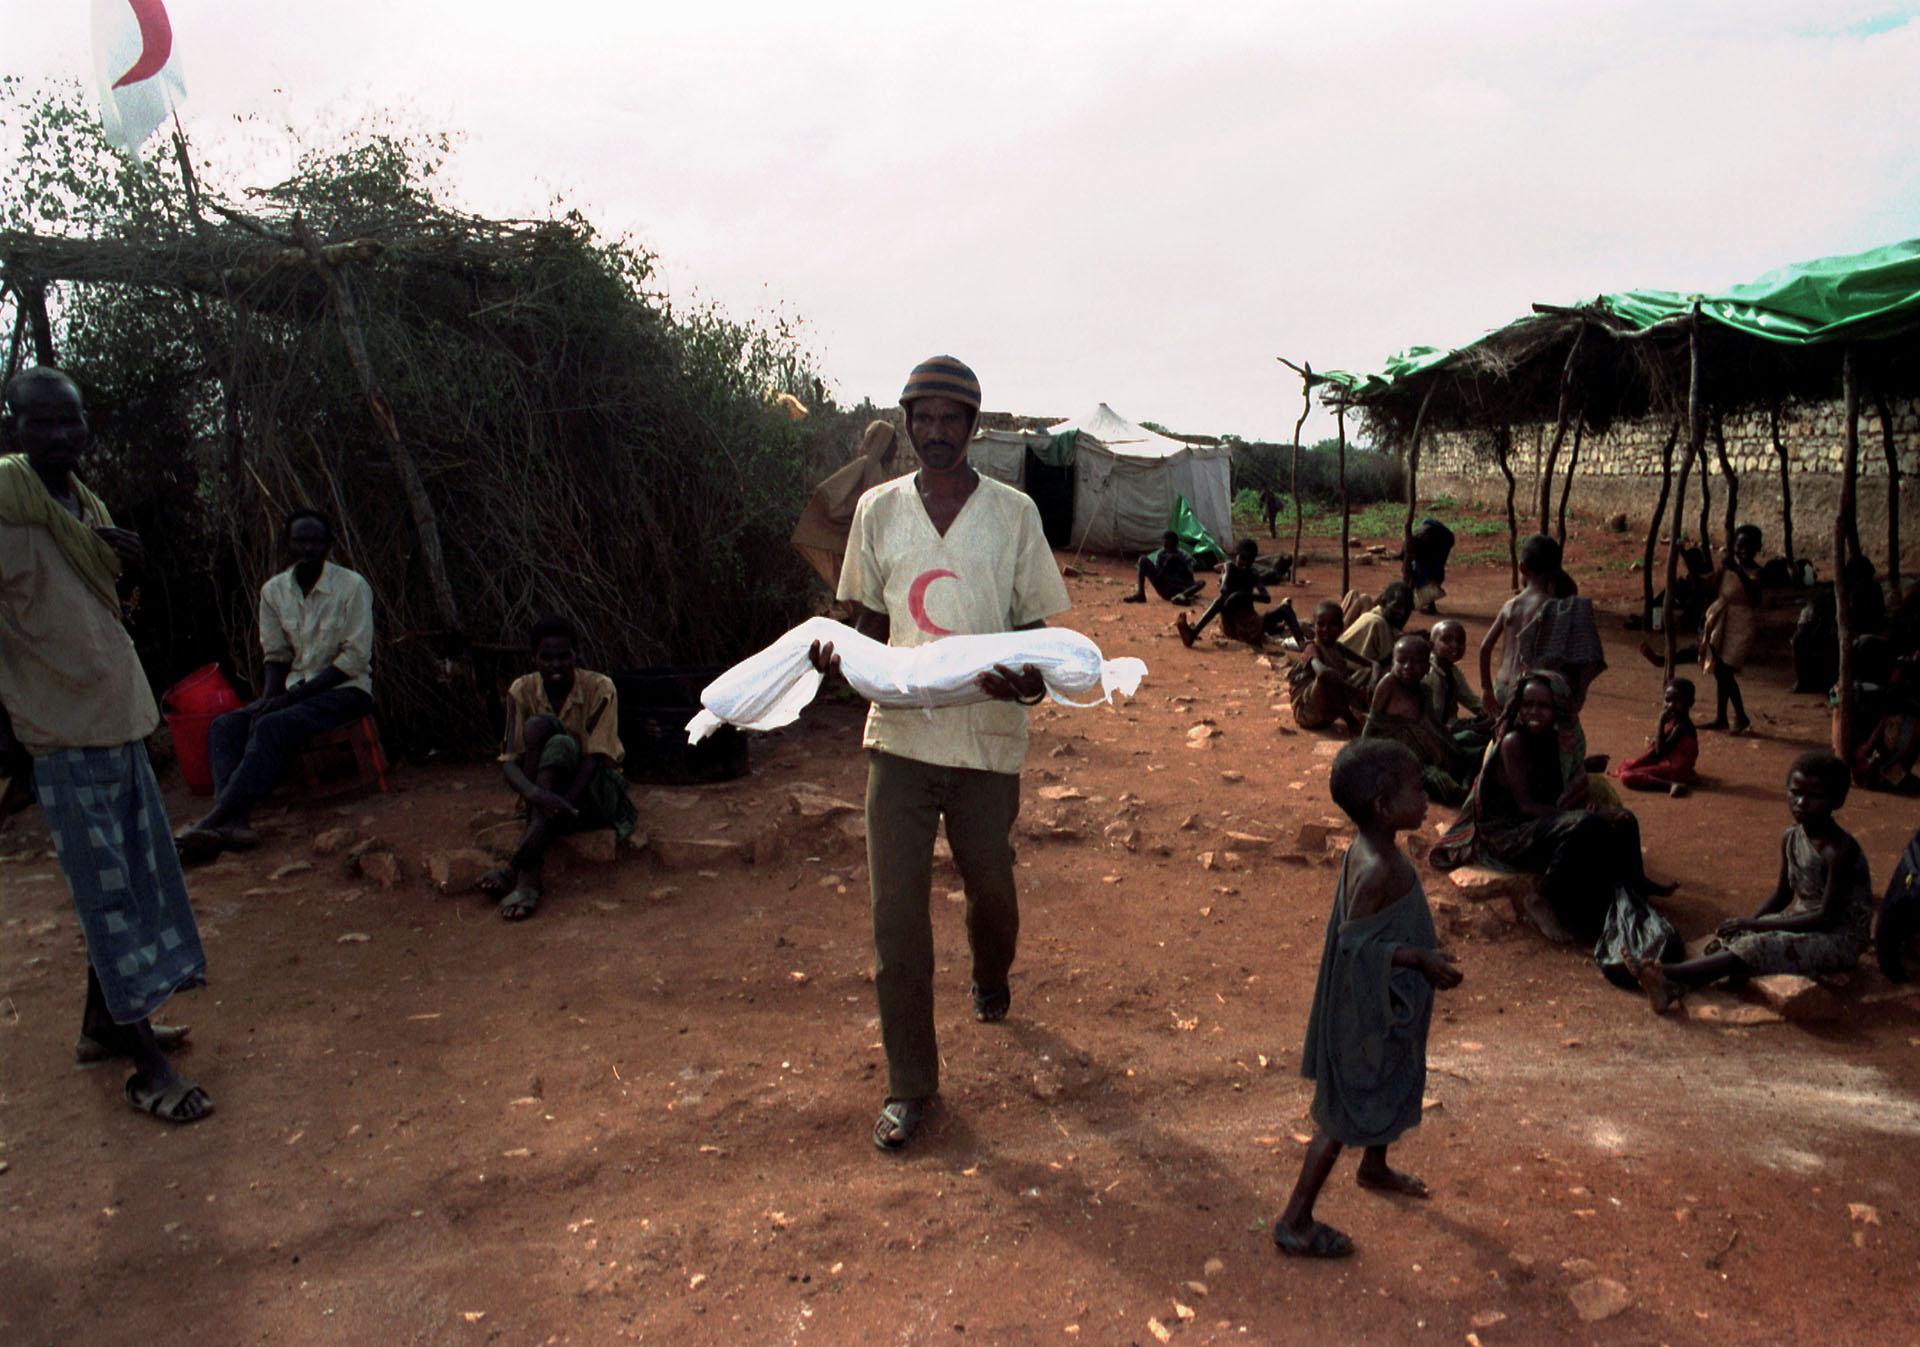 Un voluntario en Somalia carga el cuerpo de un menor en un campo de refugiados, en diciembre de 1992